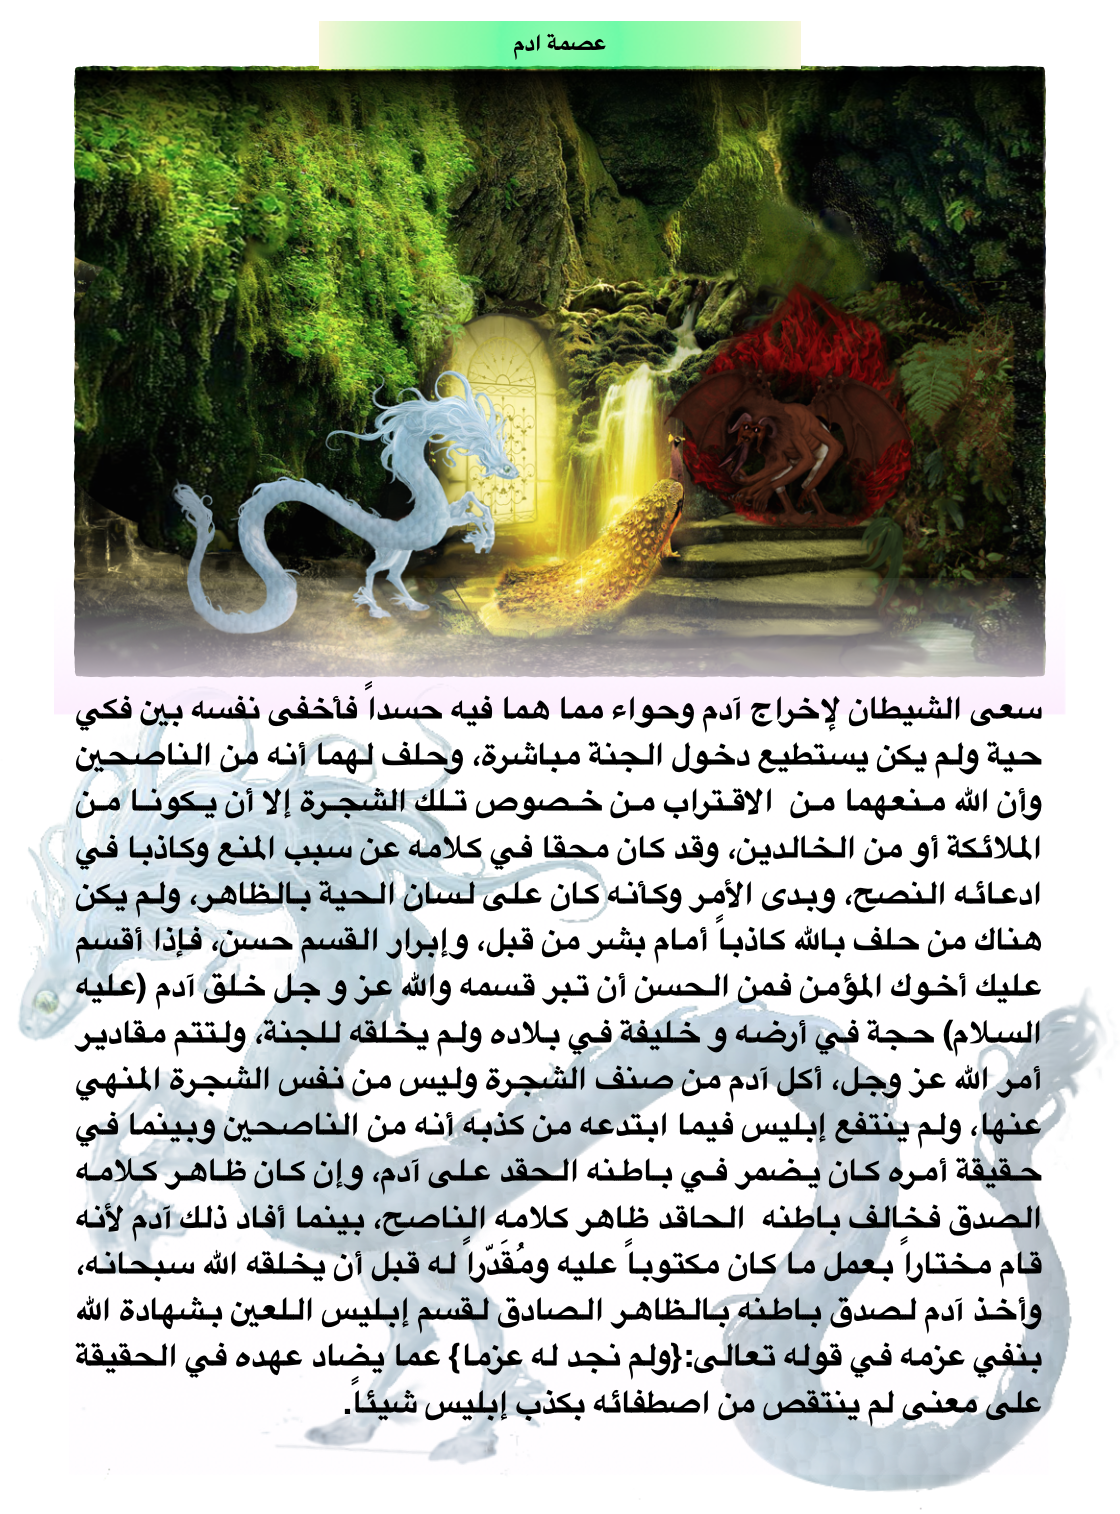 قصة آدم عليه السلام ومعنى كذب إبليس في قصة الشجرة Satan With The Snake Adam Story Ugs